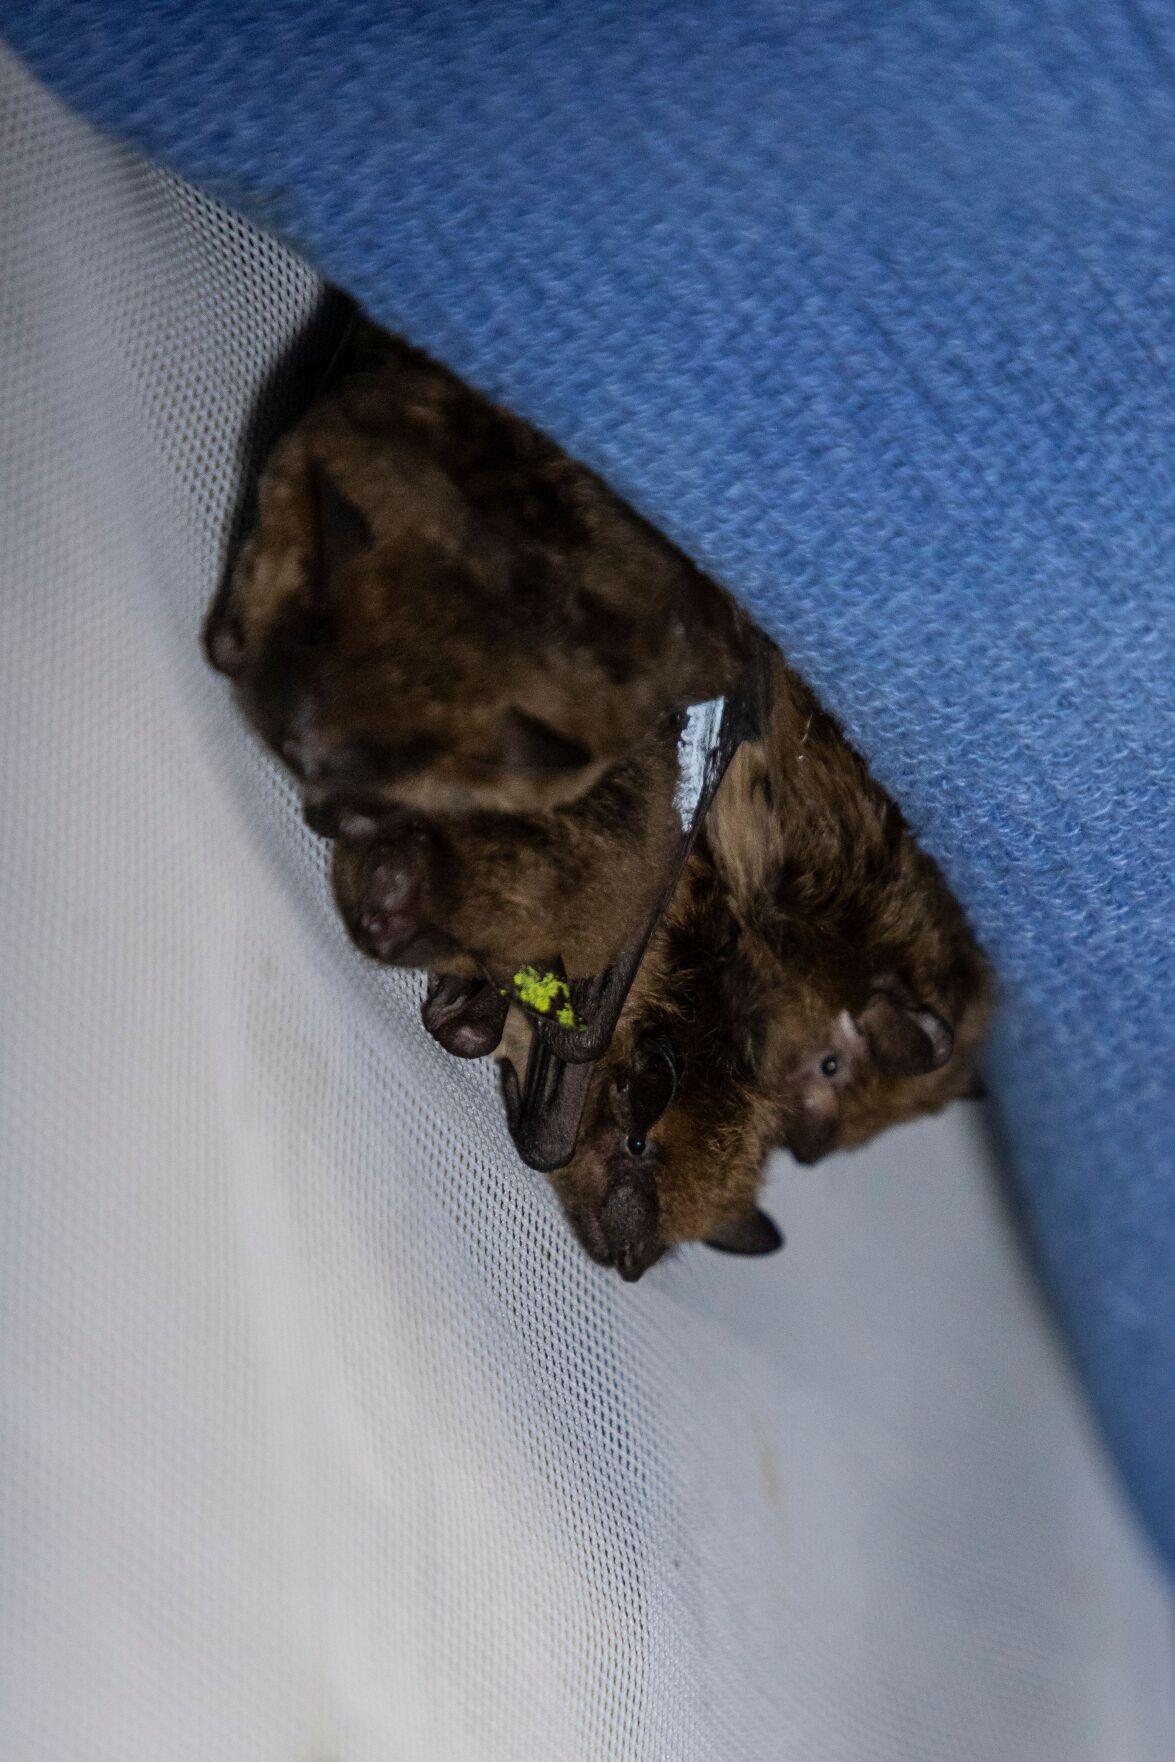 Brown bat in a pouch